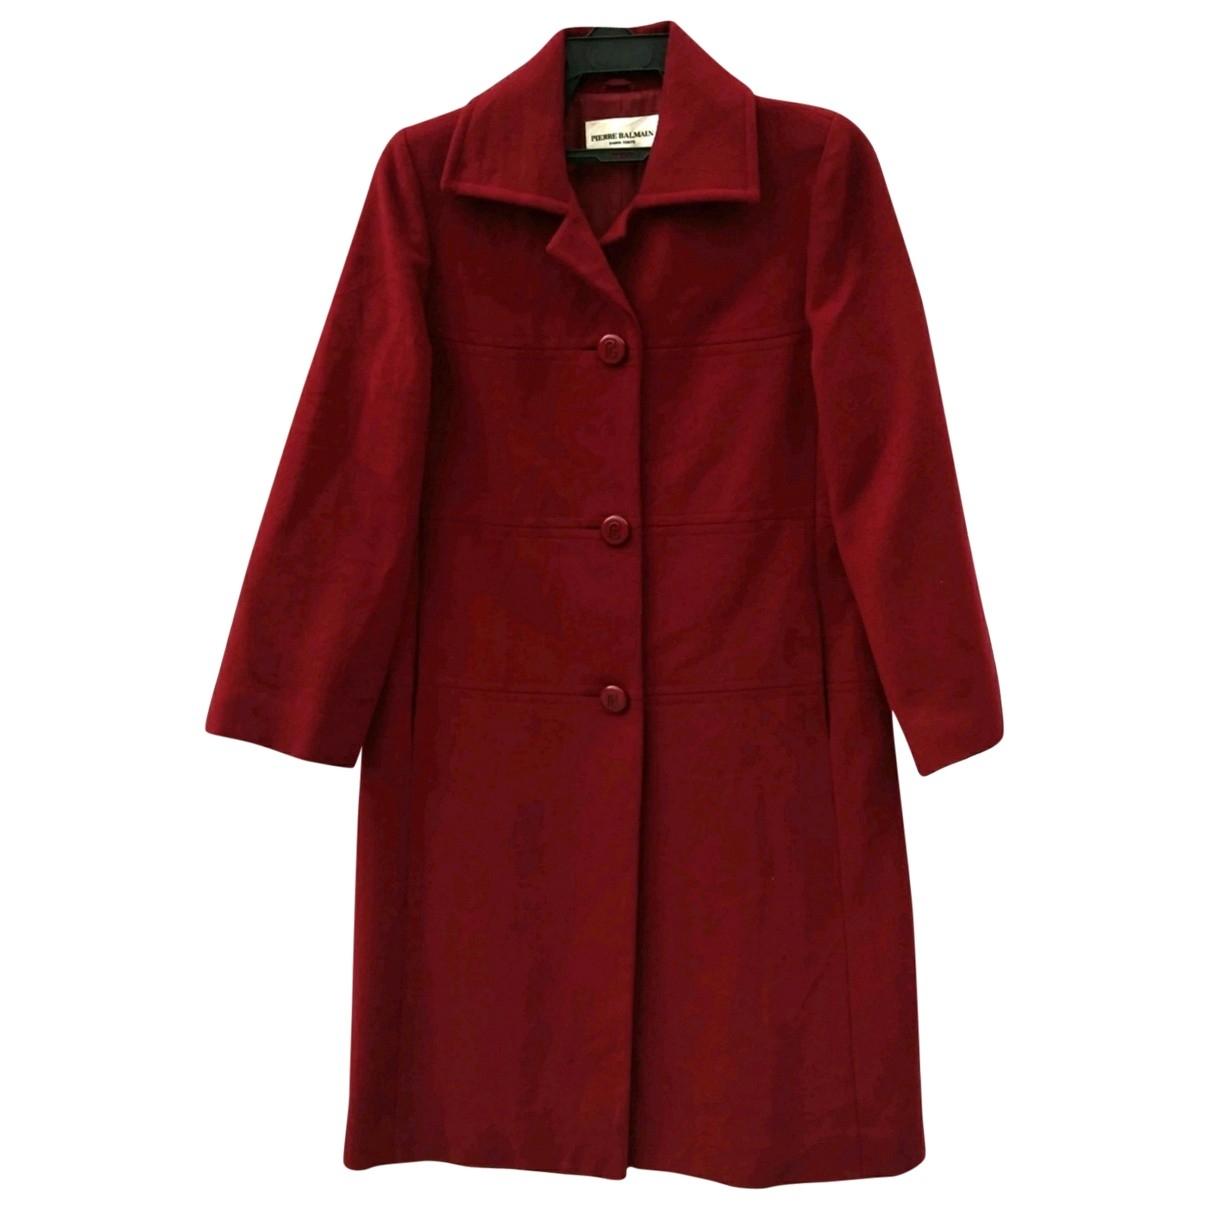 Pierre Balmain - Manteau   pour femme en laine - rouge